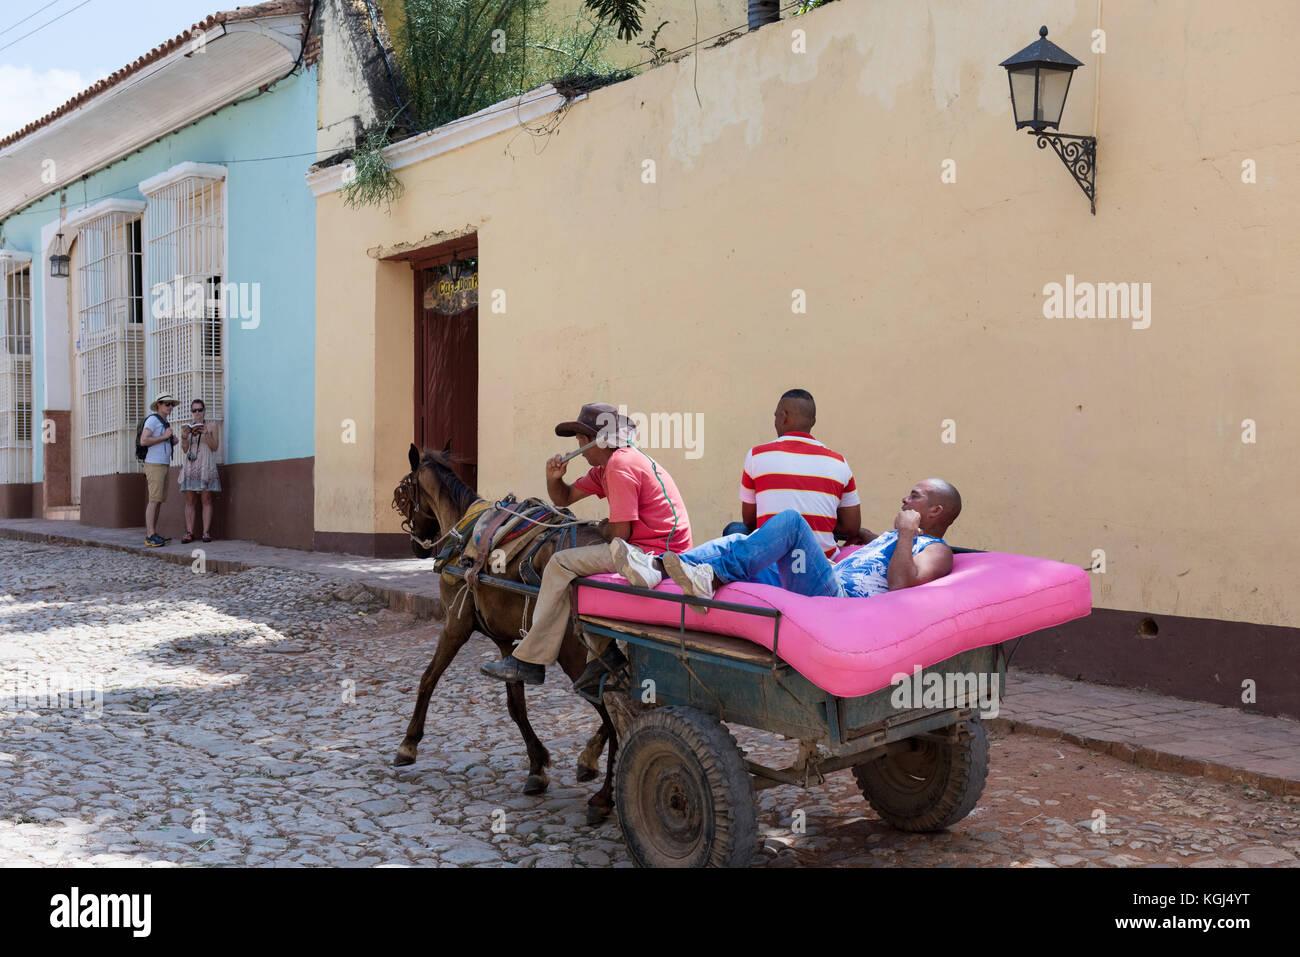 Vida cotidiana Trinidad Cuba Imagen De Stock